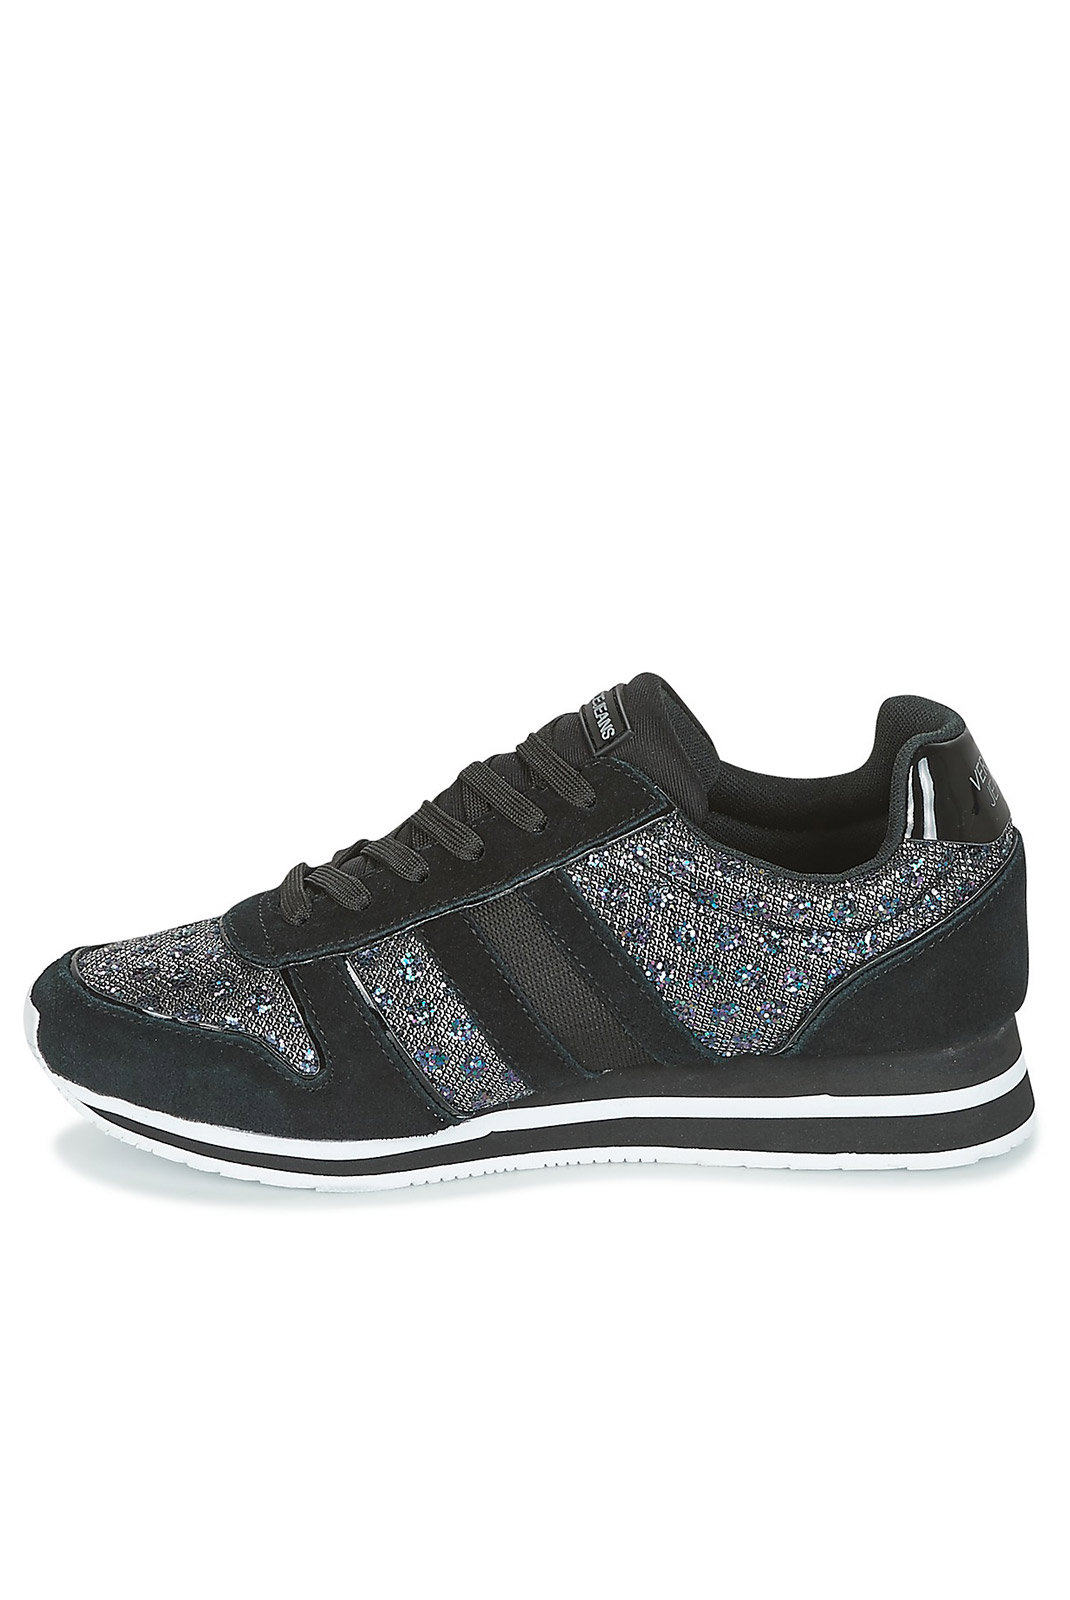 Baskets / Sneakers  Versace Jeans VRBSA1 899 BLACK